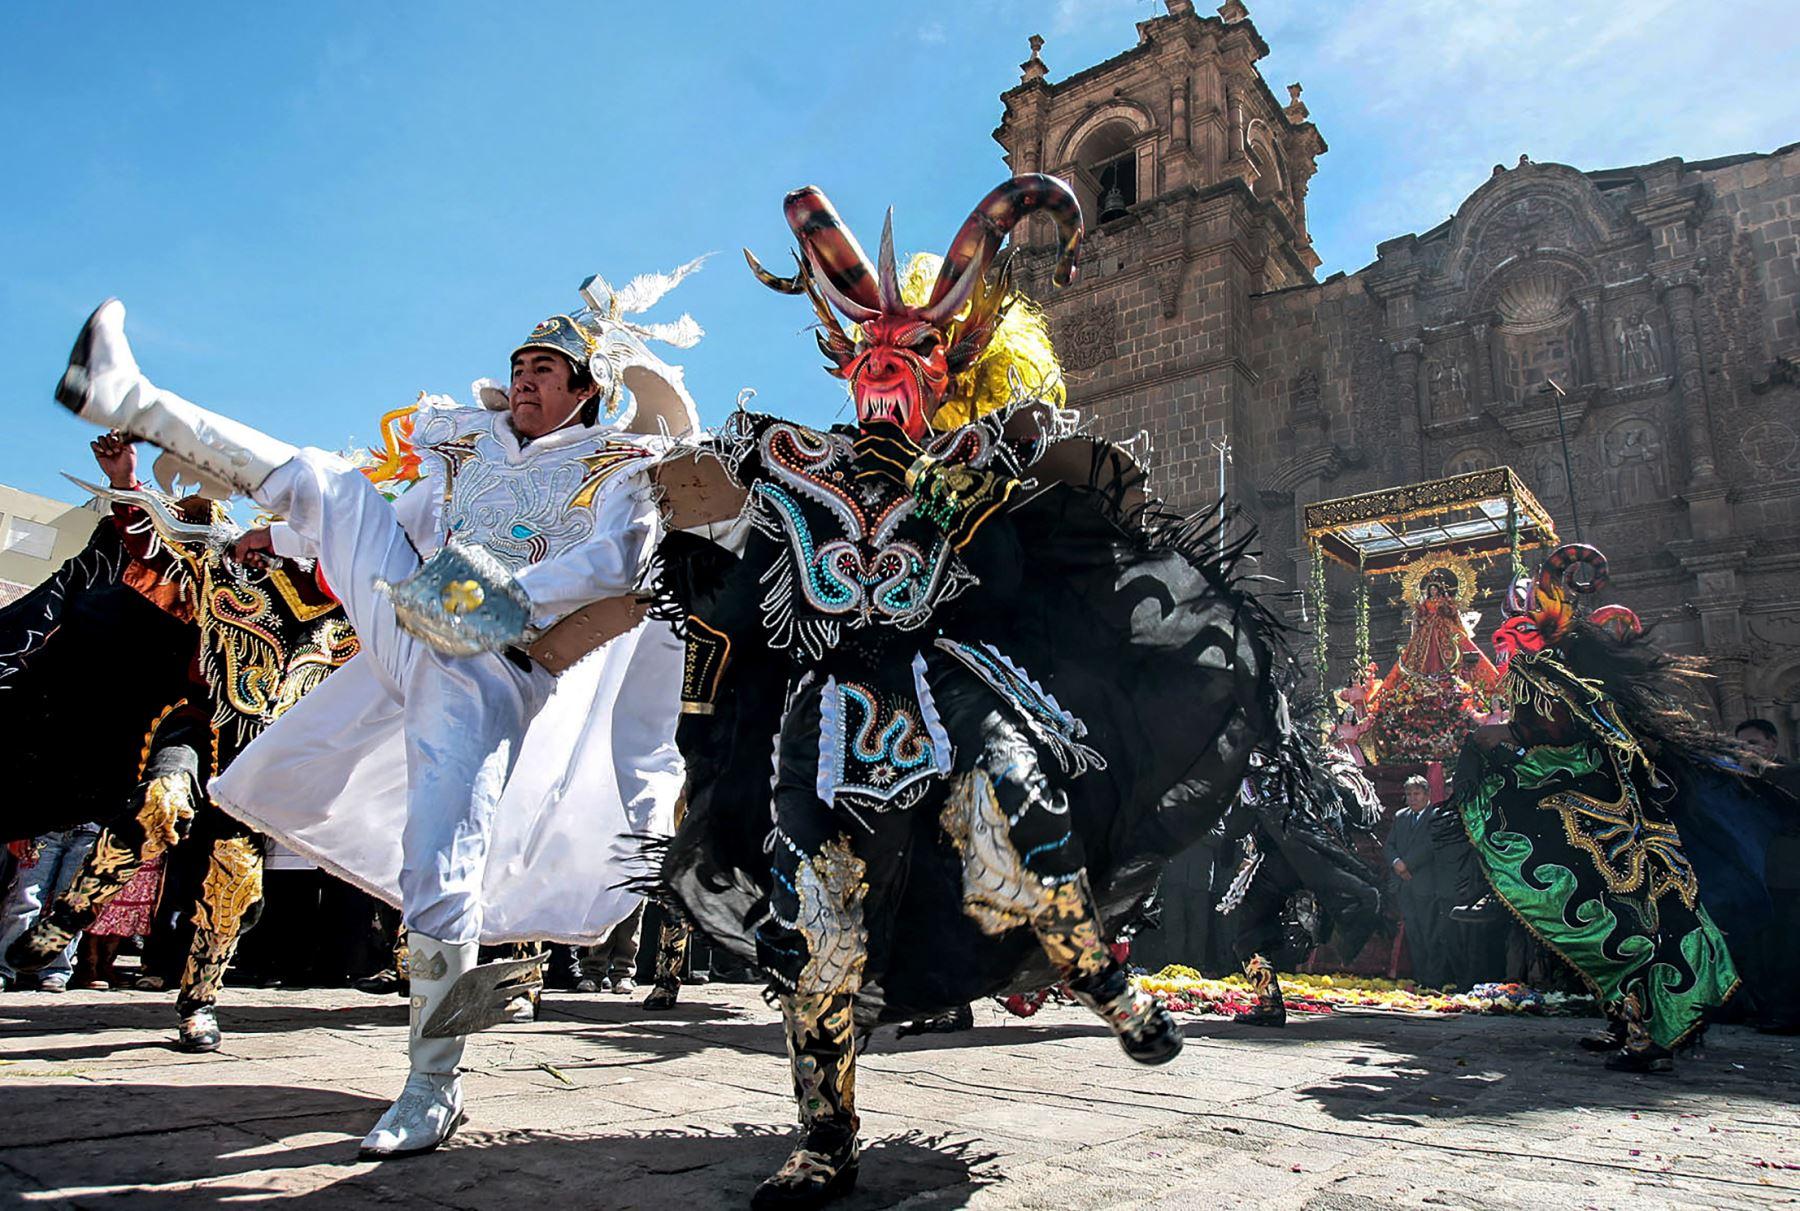 La danza es la manifestación más emblemática de la Festividad de la Virgen de la Candelaria de Puno. ANDINA/Carlos Lezama